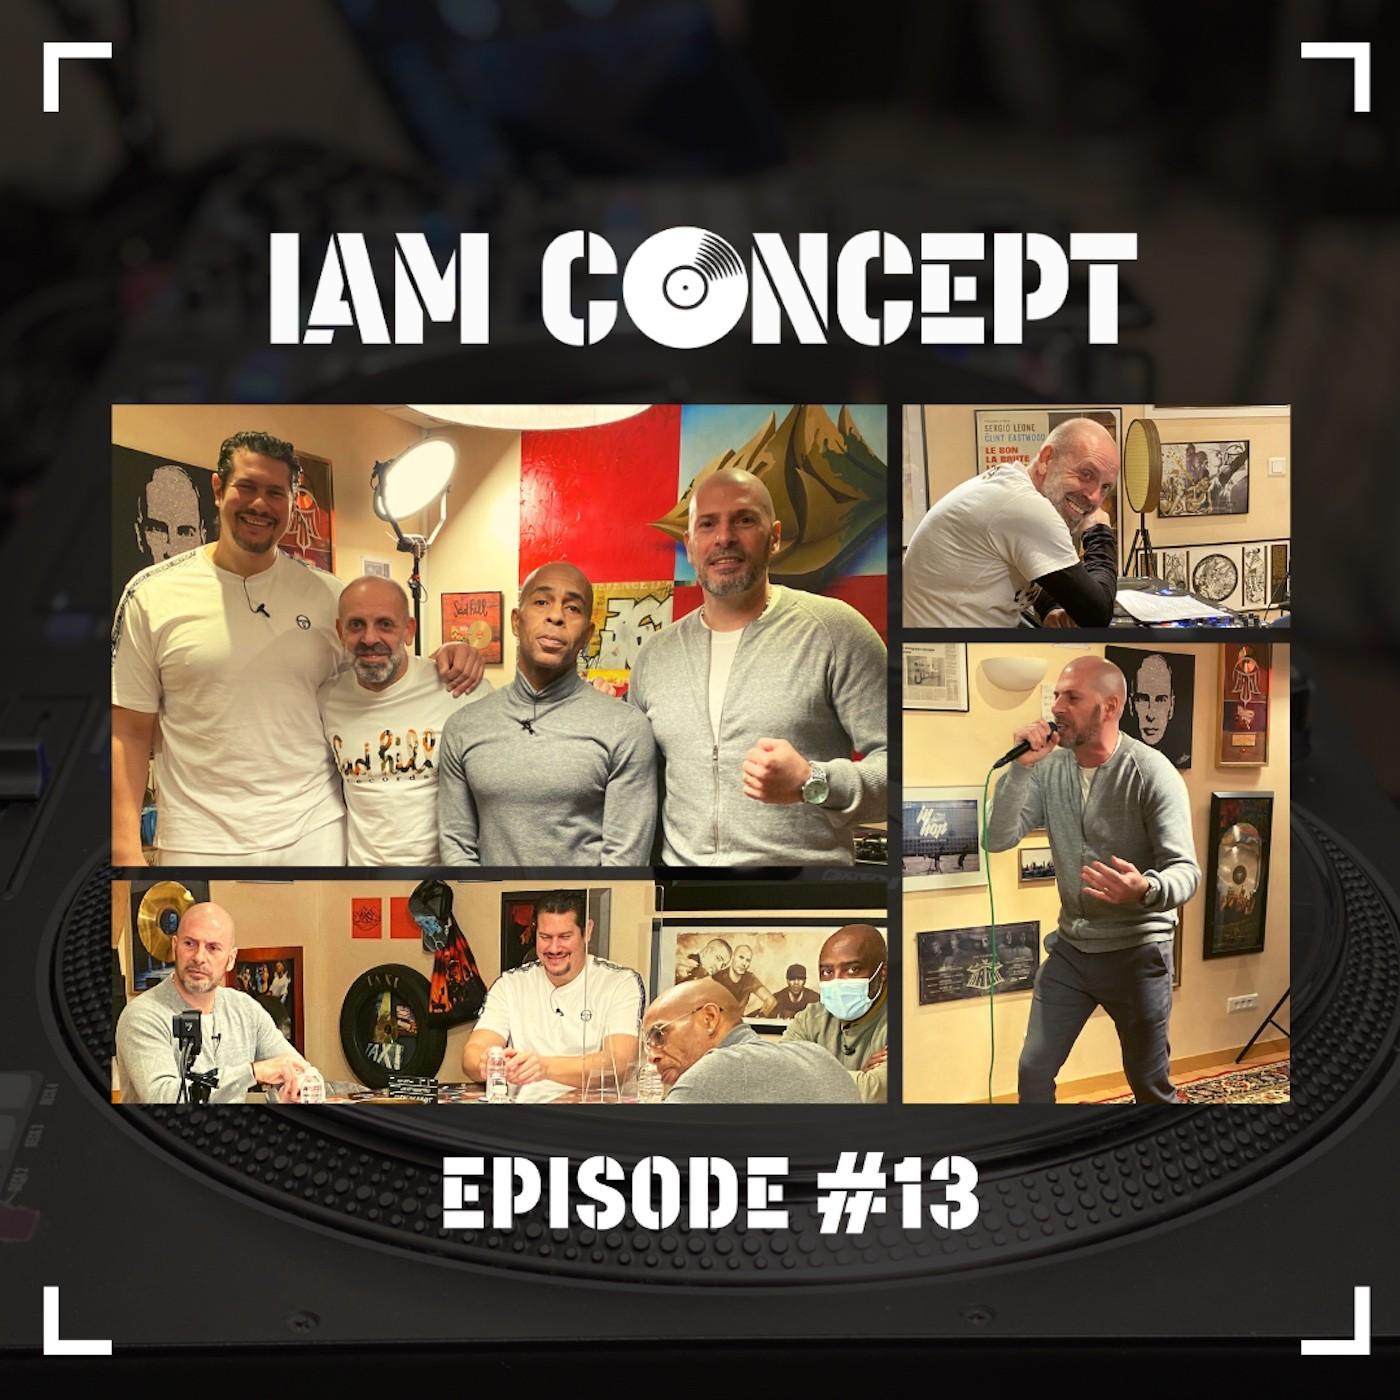 IAM #13 - (Guest Vincent Parisi) -  EN HOMMAGE À IBRAHIM ALI